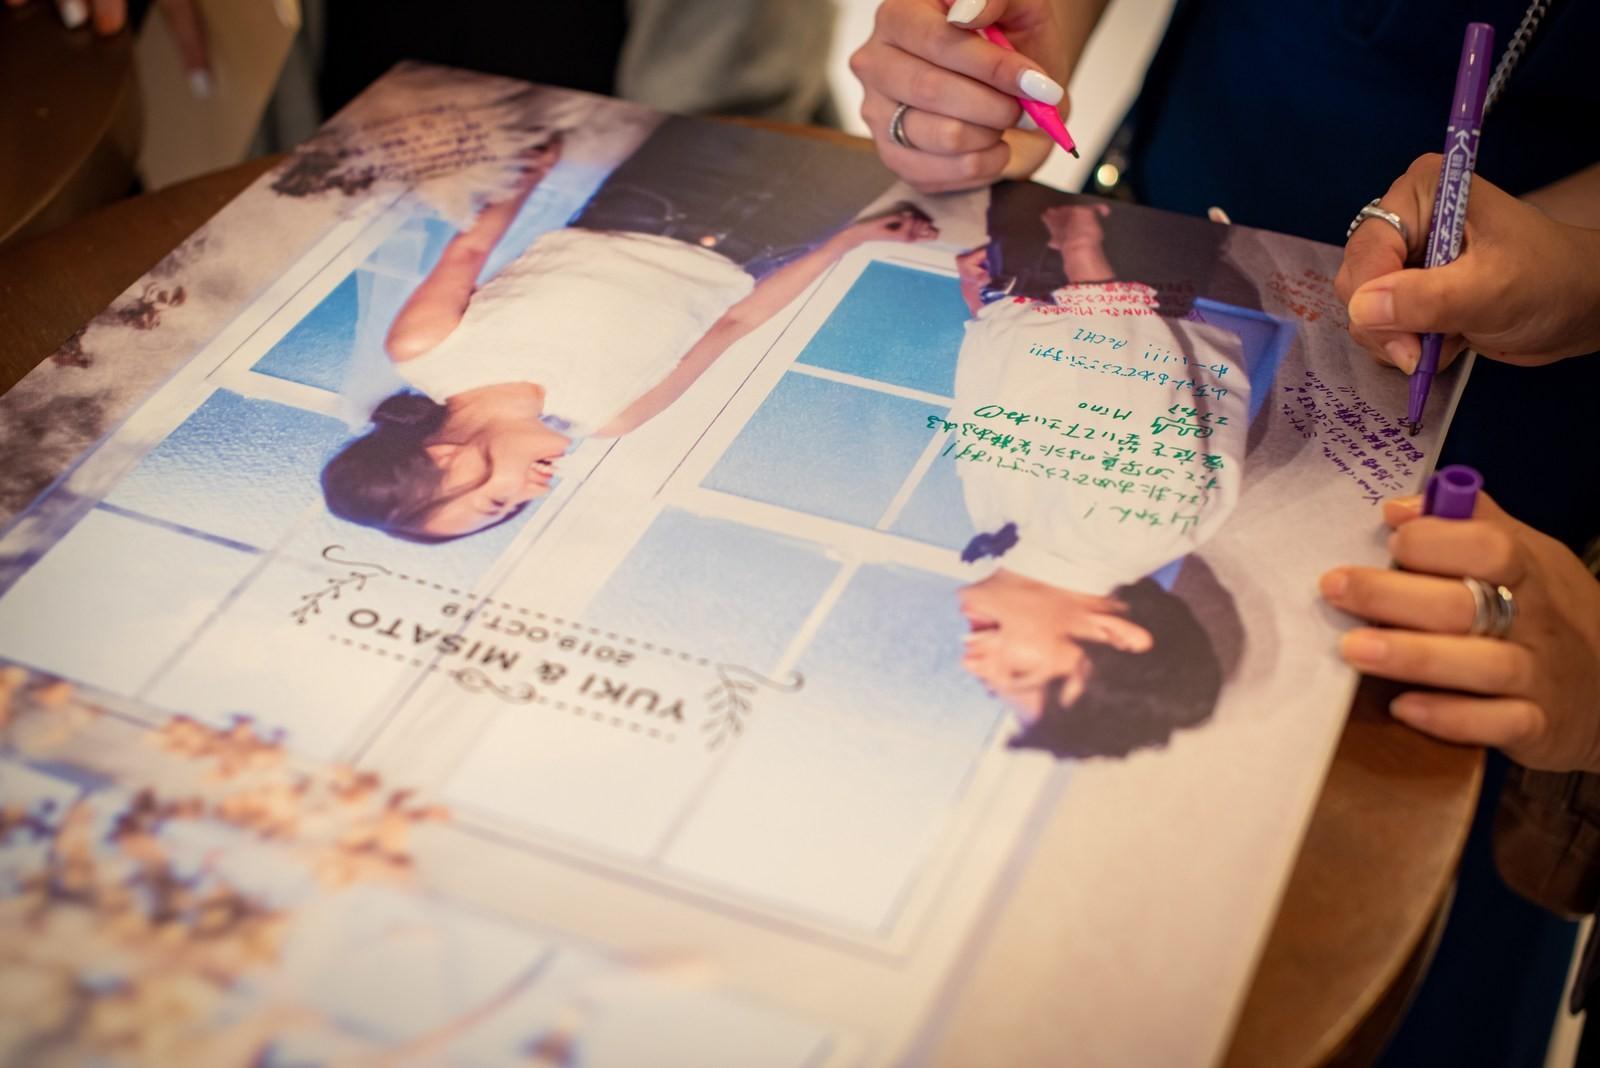 徳島市の結婚式場ブランアンジュでウェルカムボードにメッセージを記入するゲスト